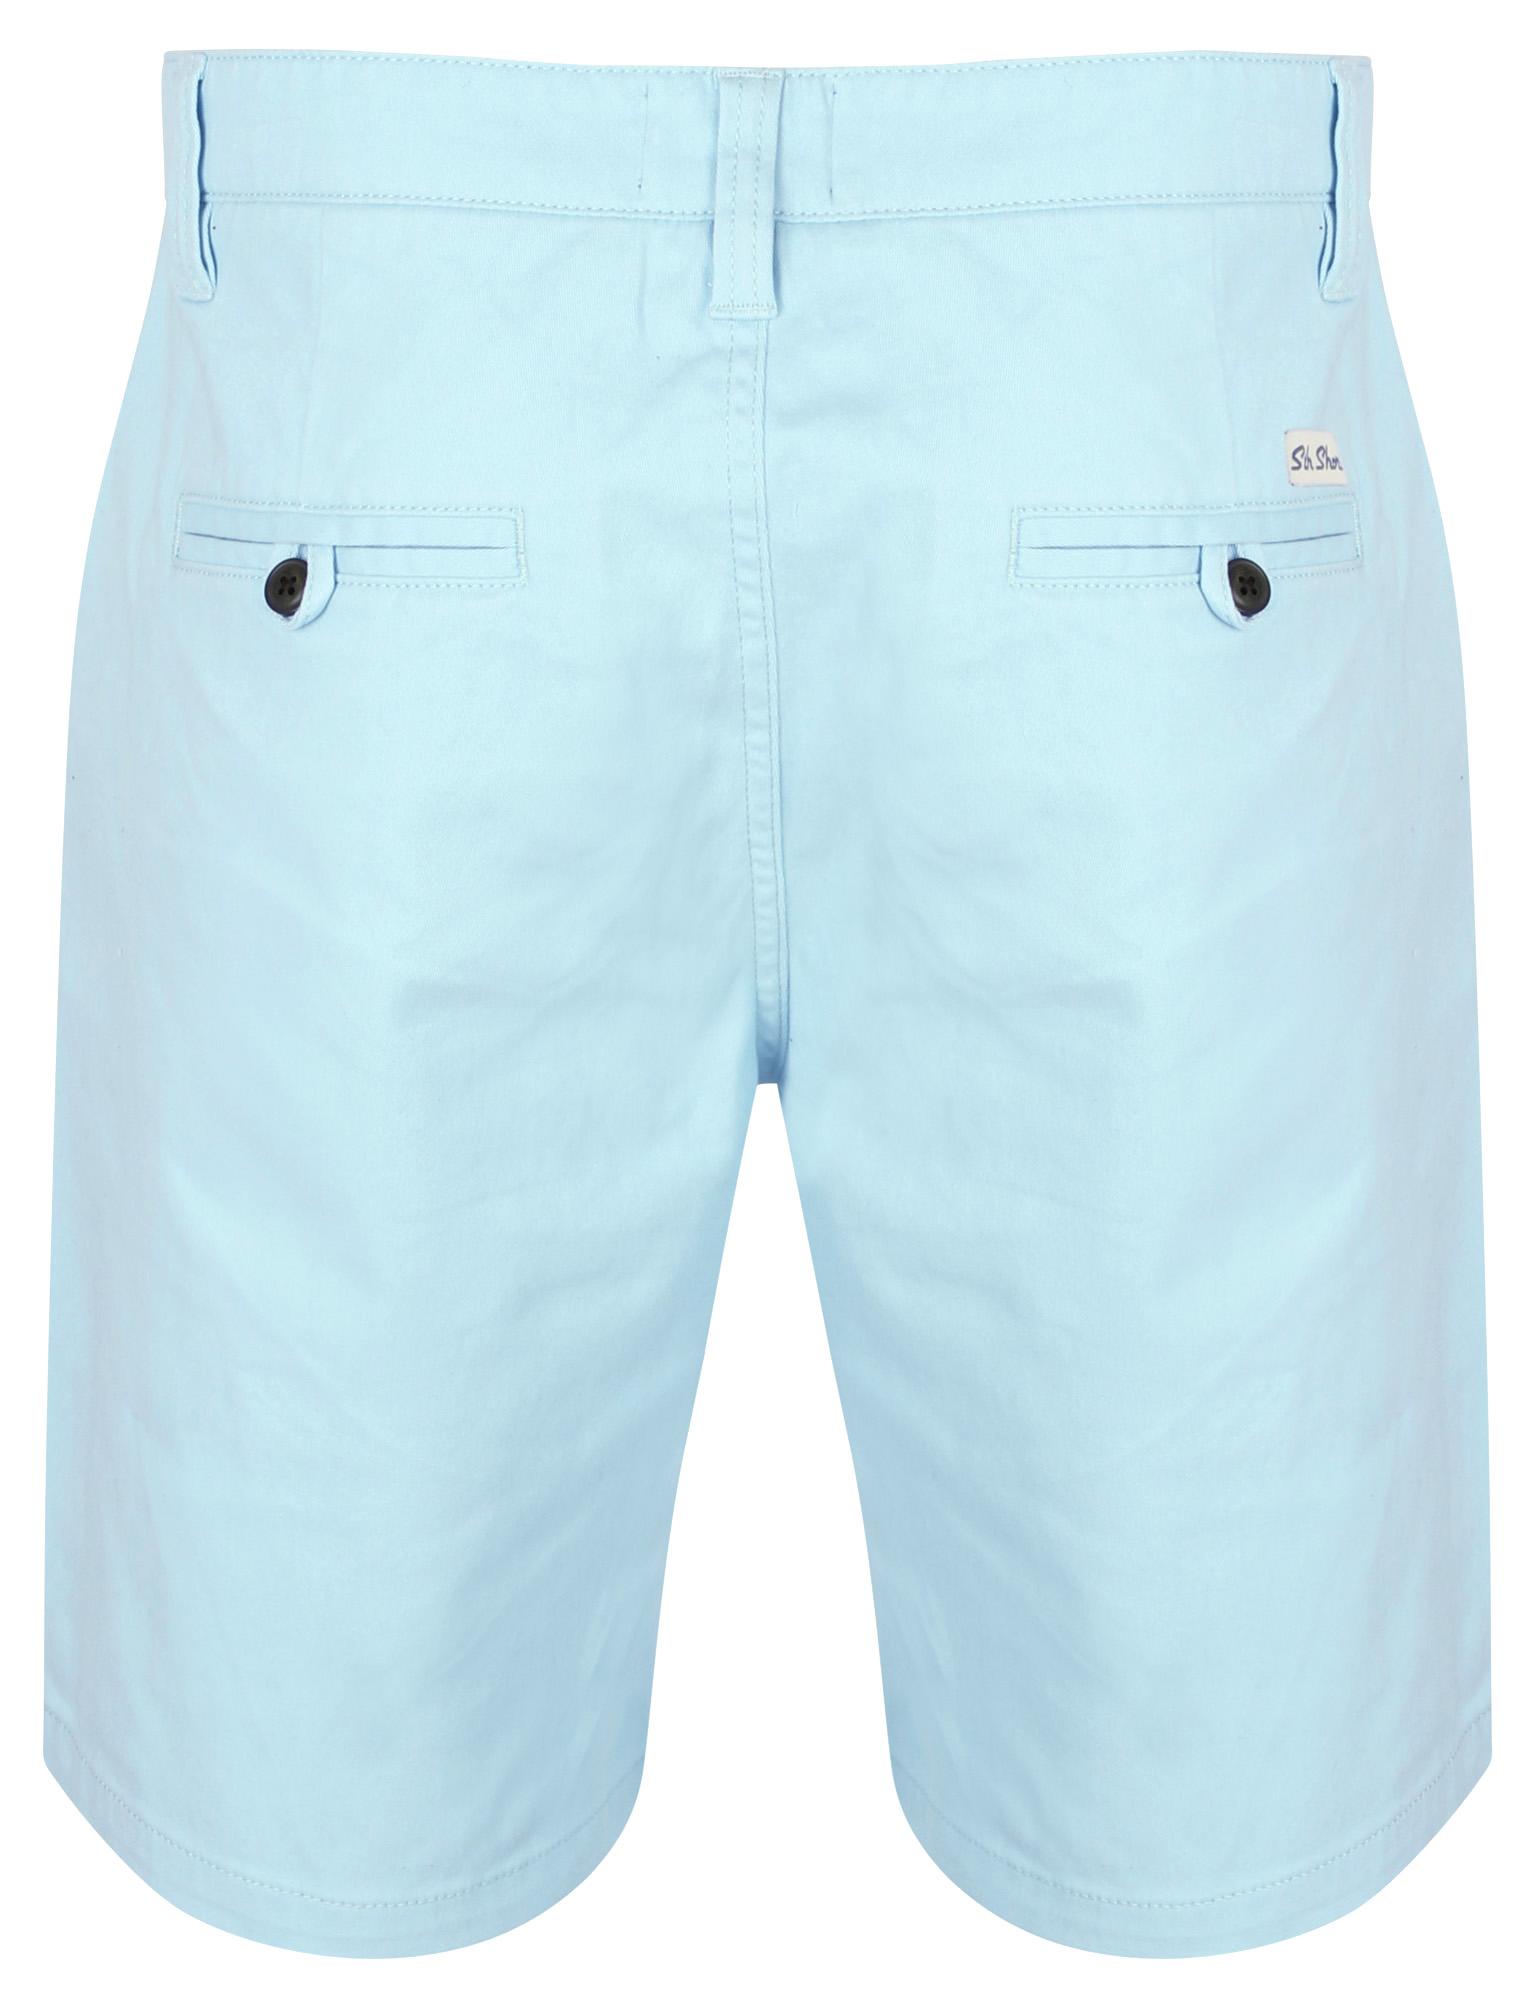 South-Shore-uomo-Scotch-Tinta-Unita-Cotone-Twill-Casual-Jeans-Corti-Chino-Taglia-S-XXL miniatura 13